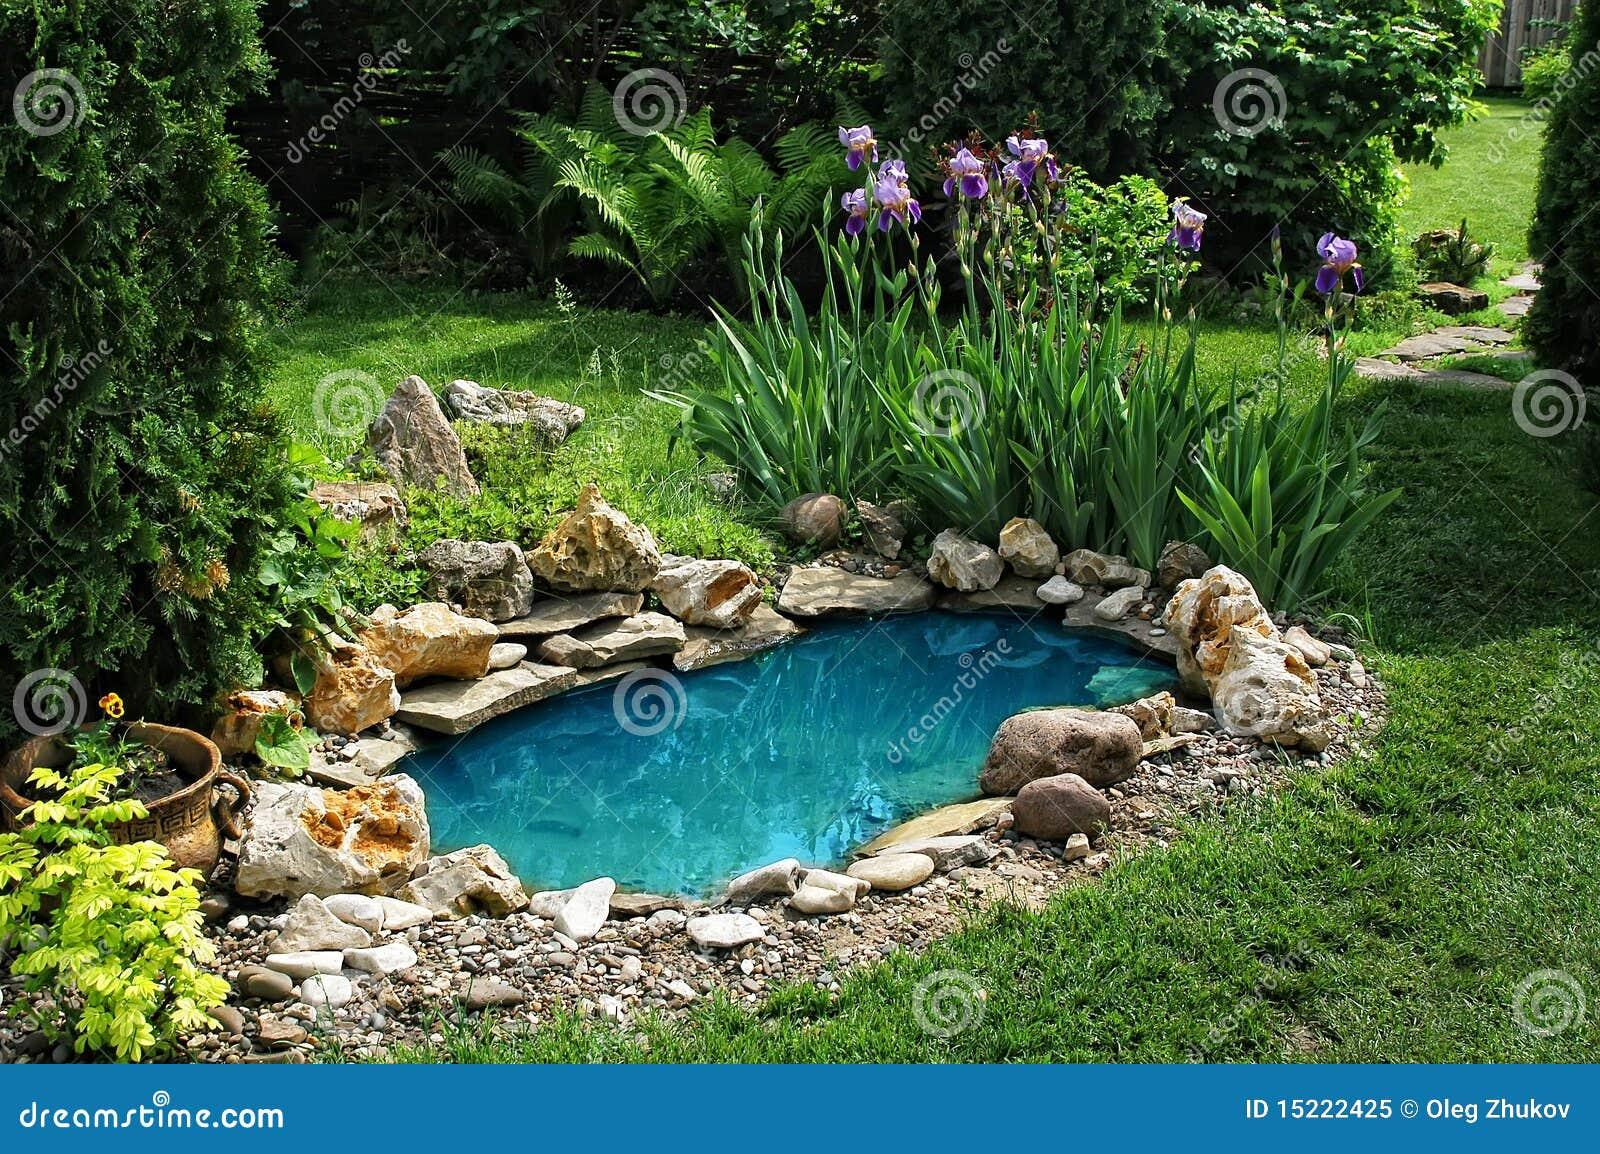 Uberlegen Kleiner Teich Im Garten